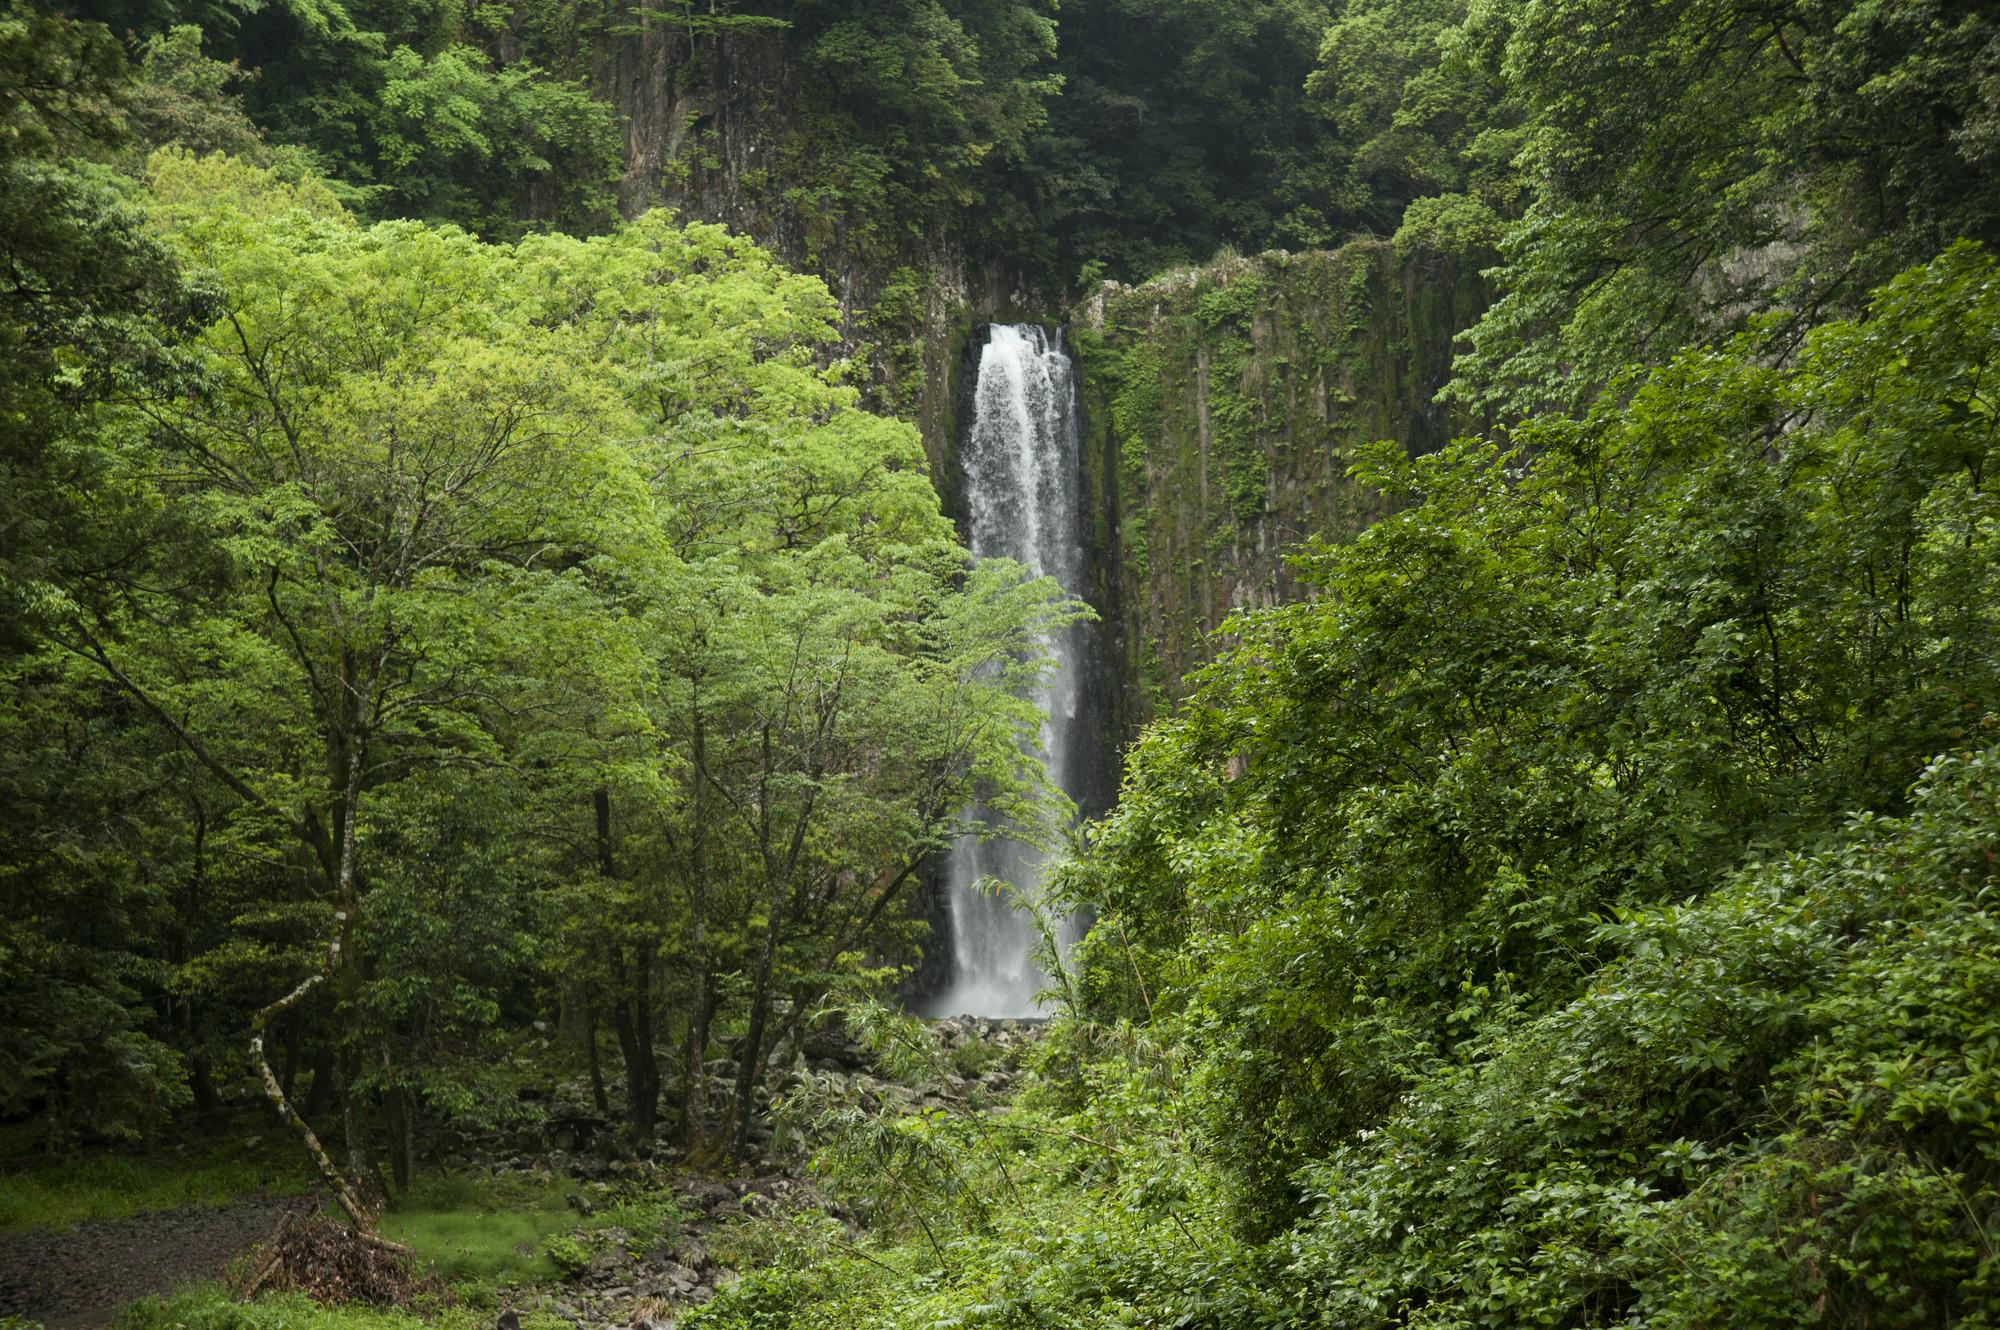 鹿目の滝(かなめのたき)